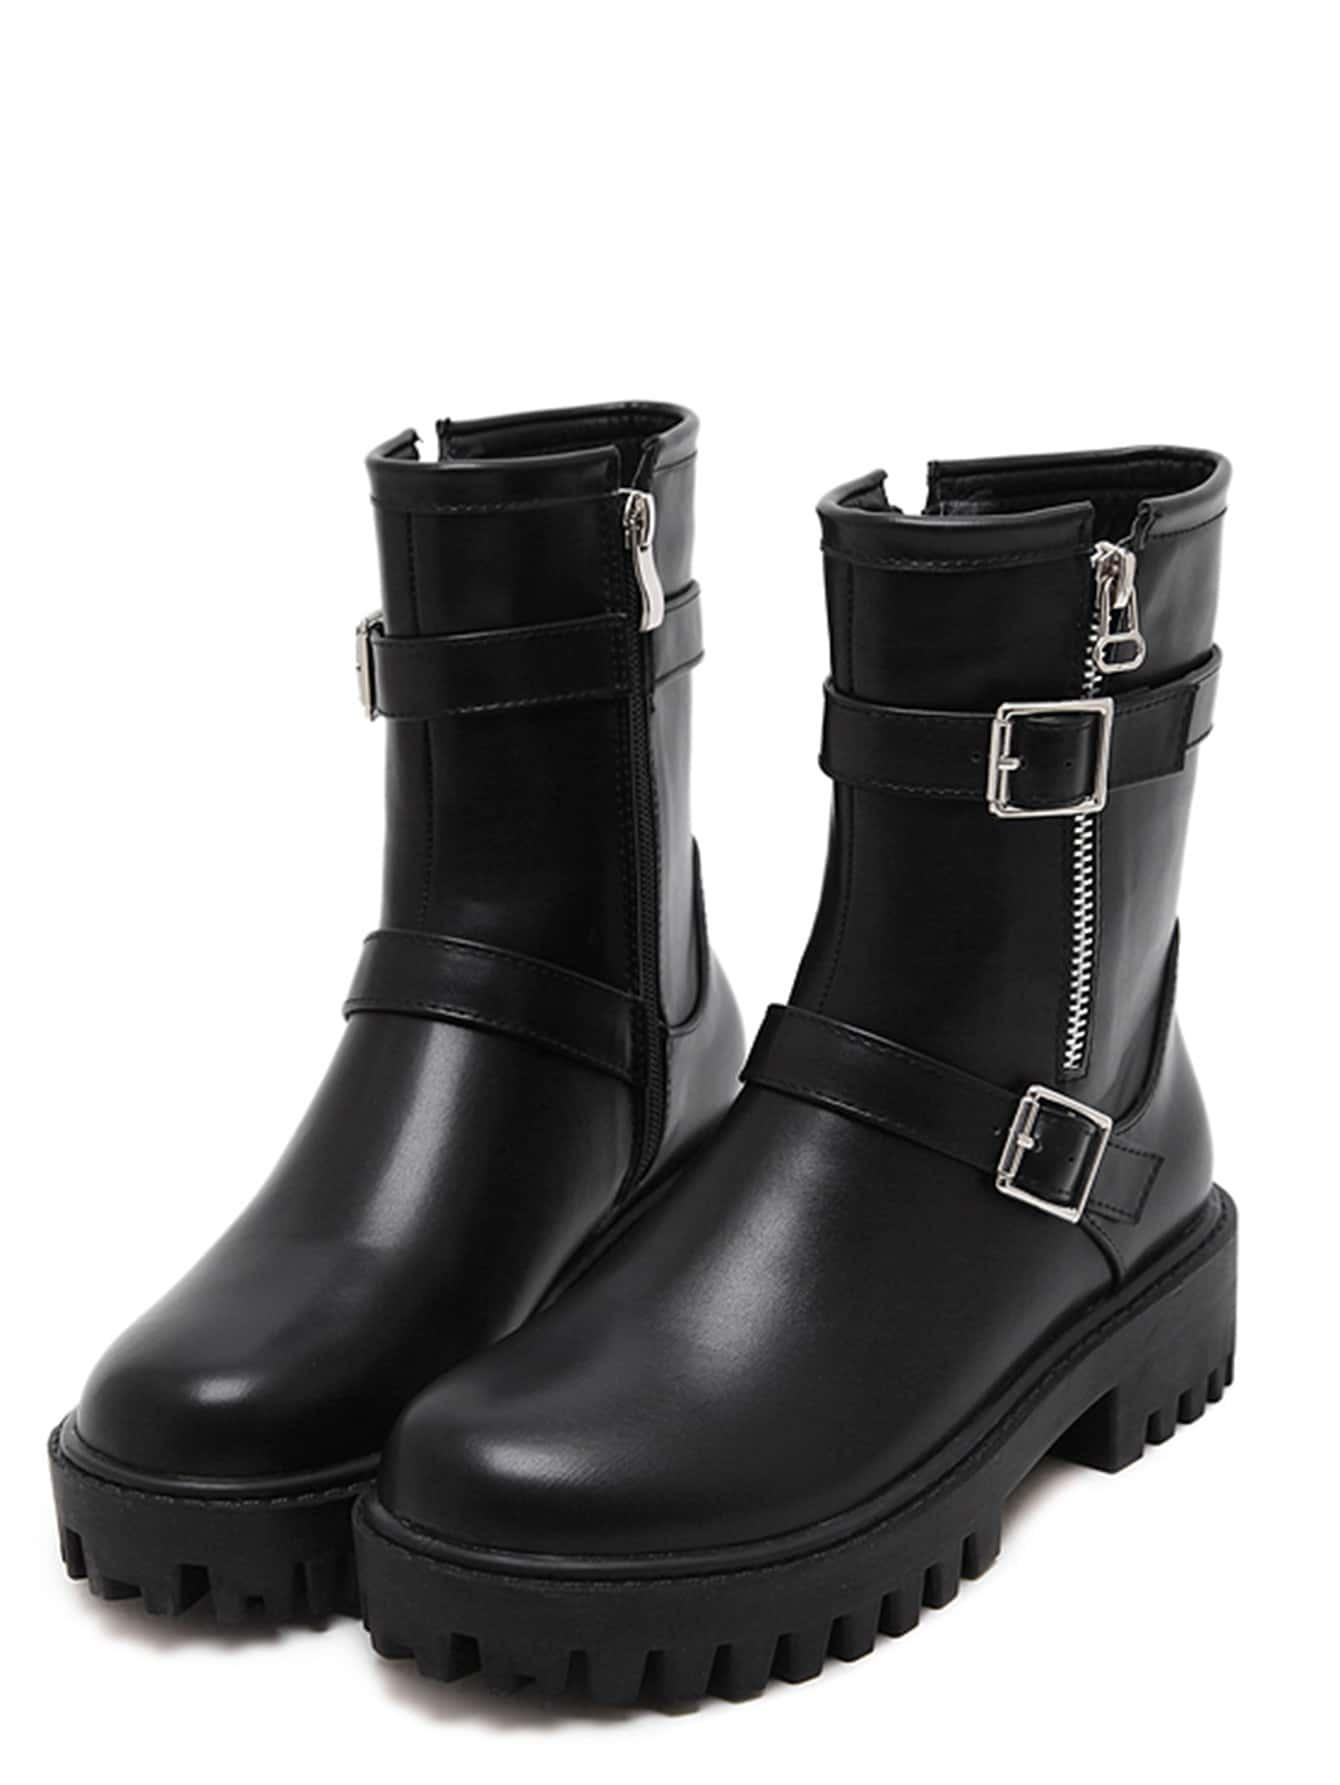 shoes161025802_2